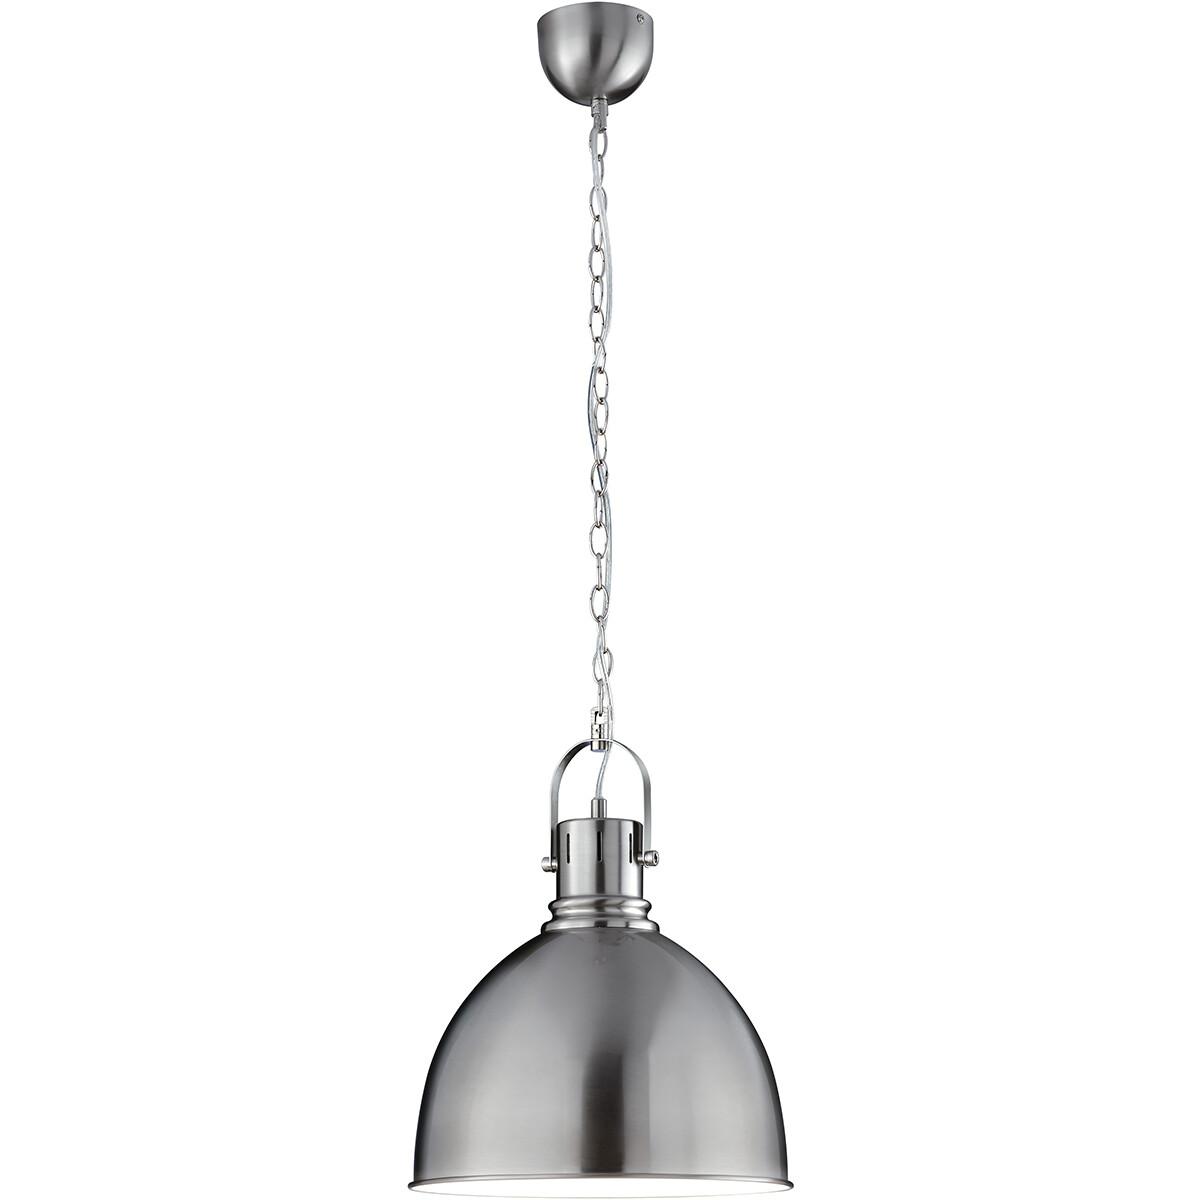 LED Hanglamp - Hangverlichting - Trion Jesper - E27 Fitting - Rond - Mat Nikkel - Aluminium